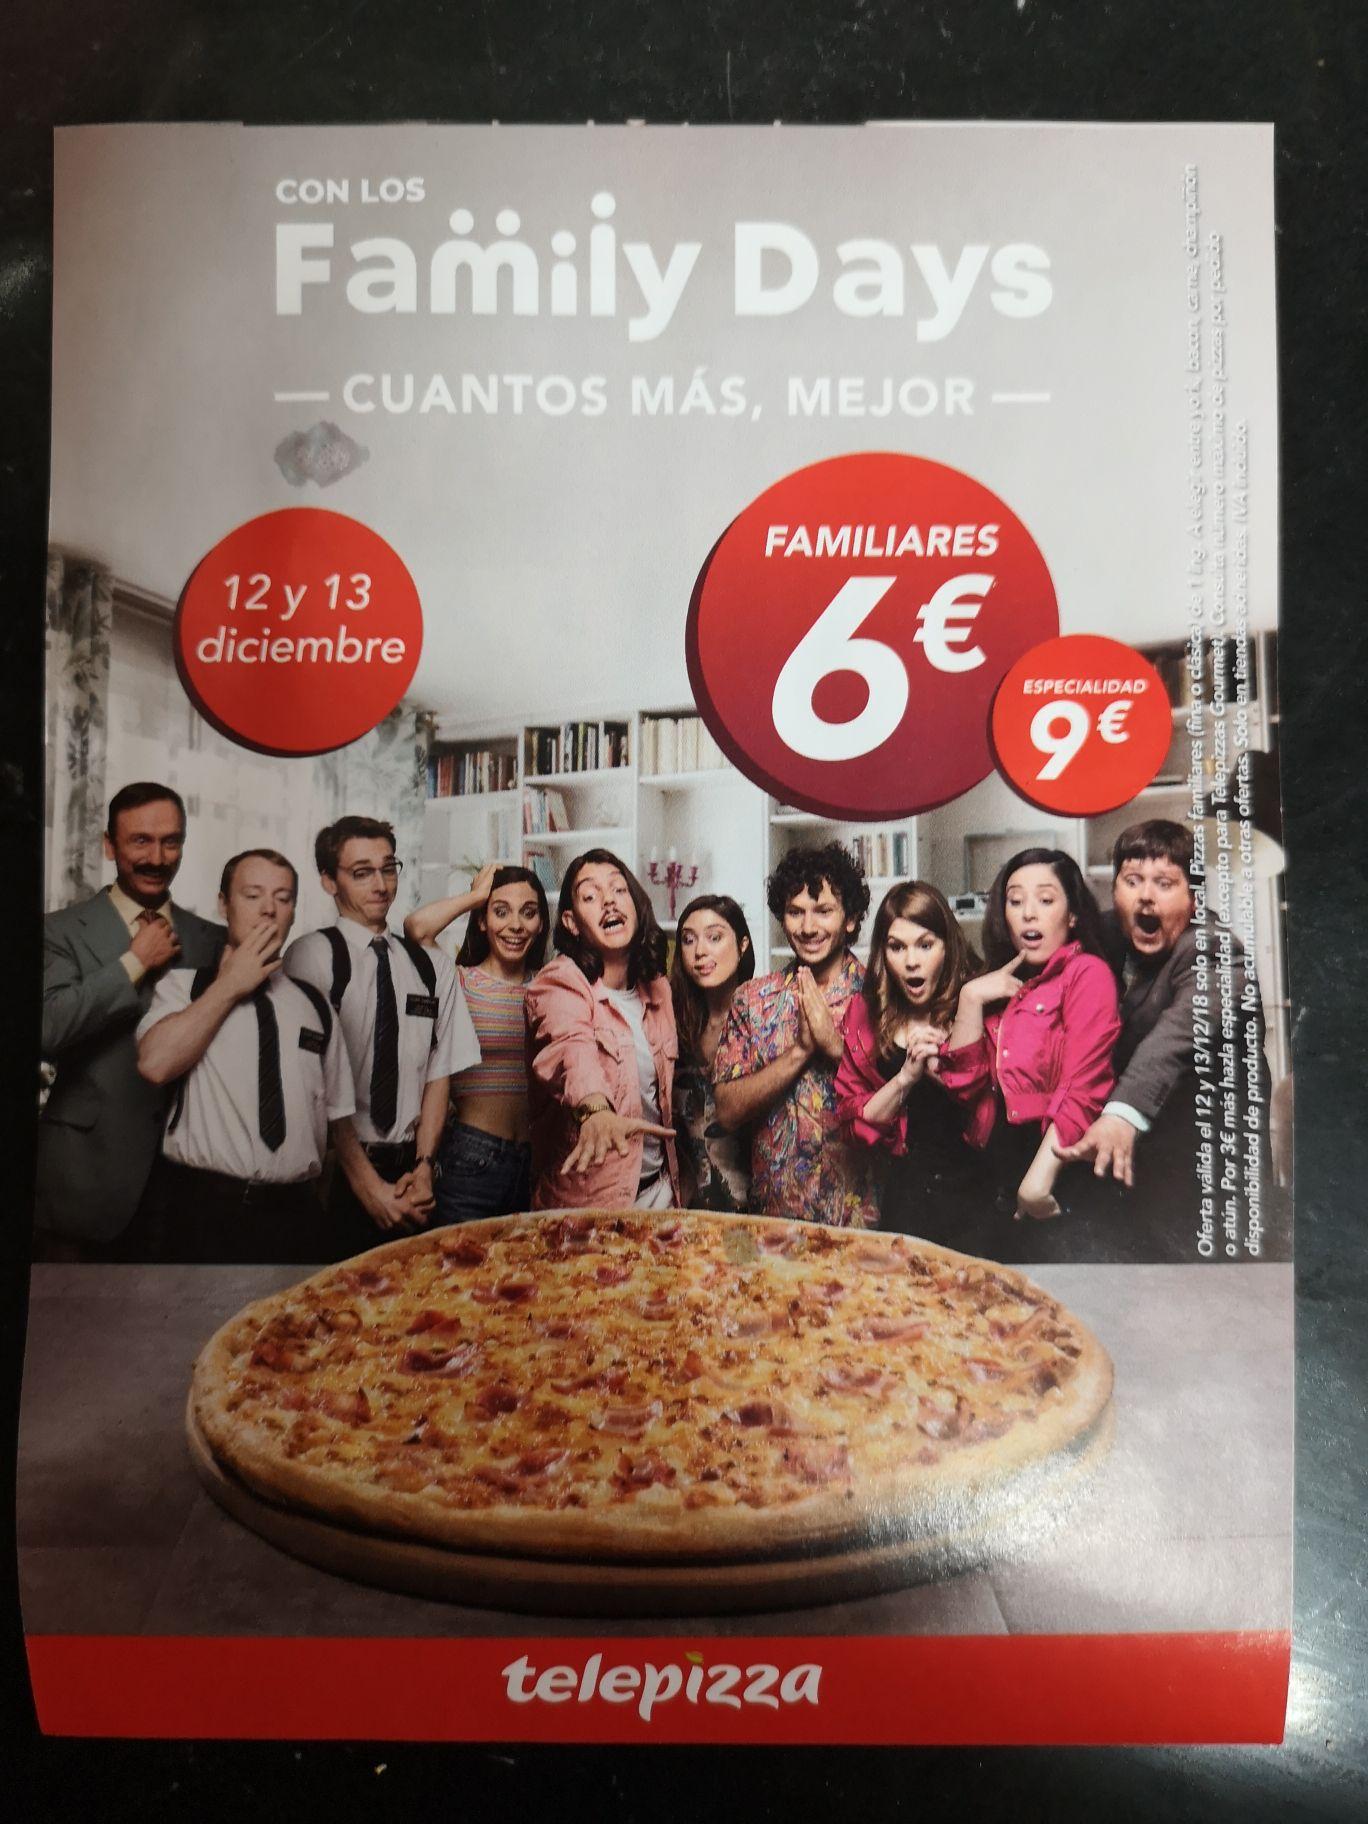 Family Days 19 y 20 de diciembre